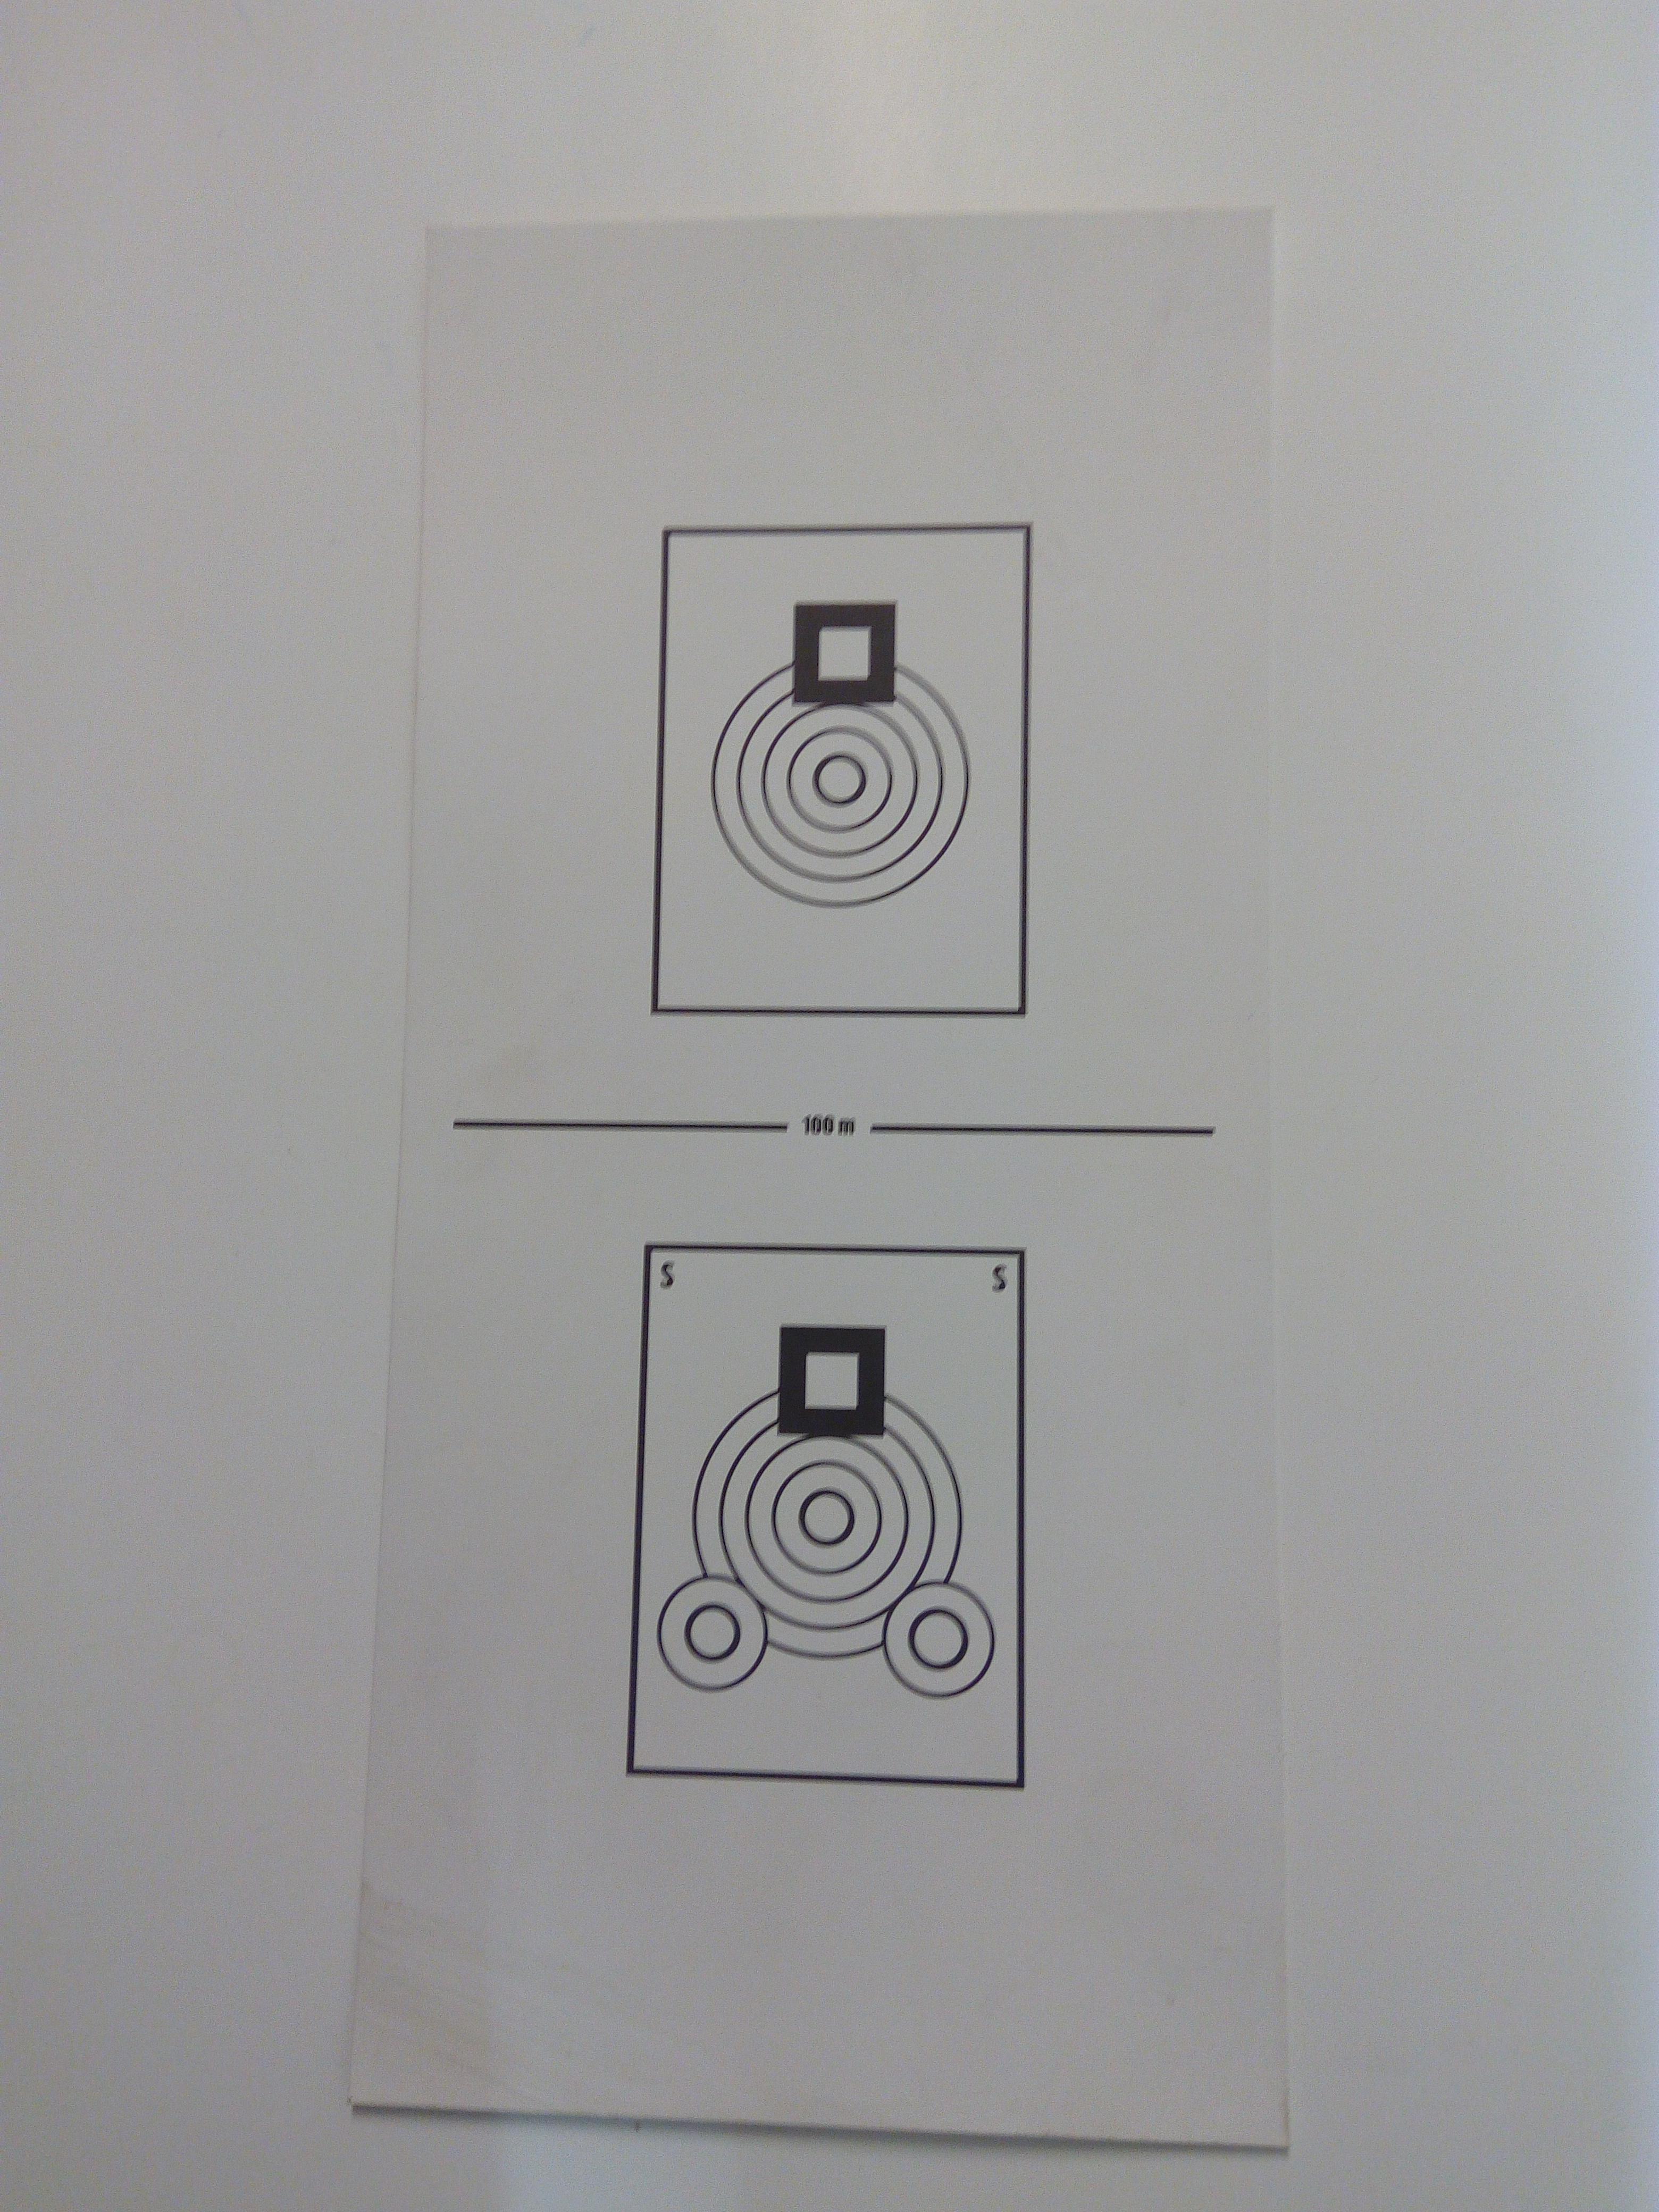 Kasa-ammuntataulu 100 m  1 kpl